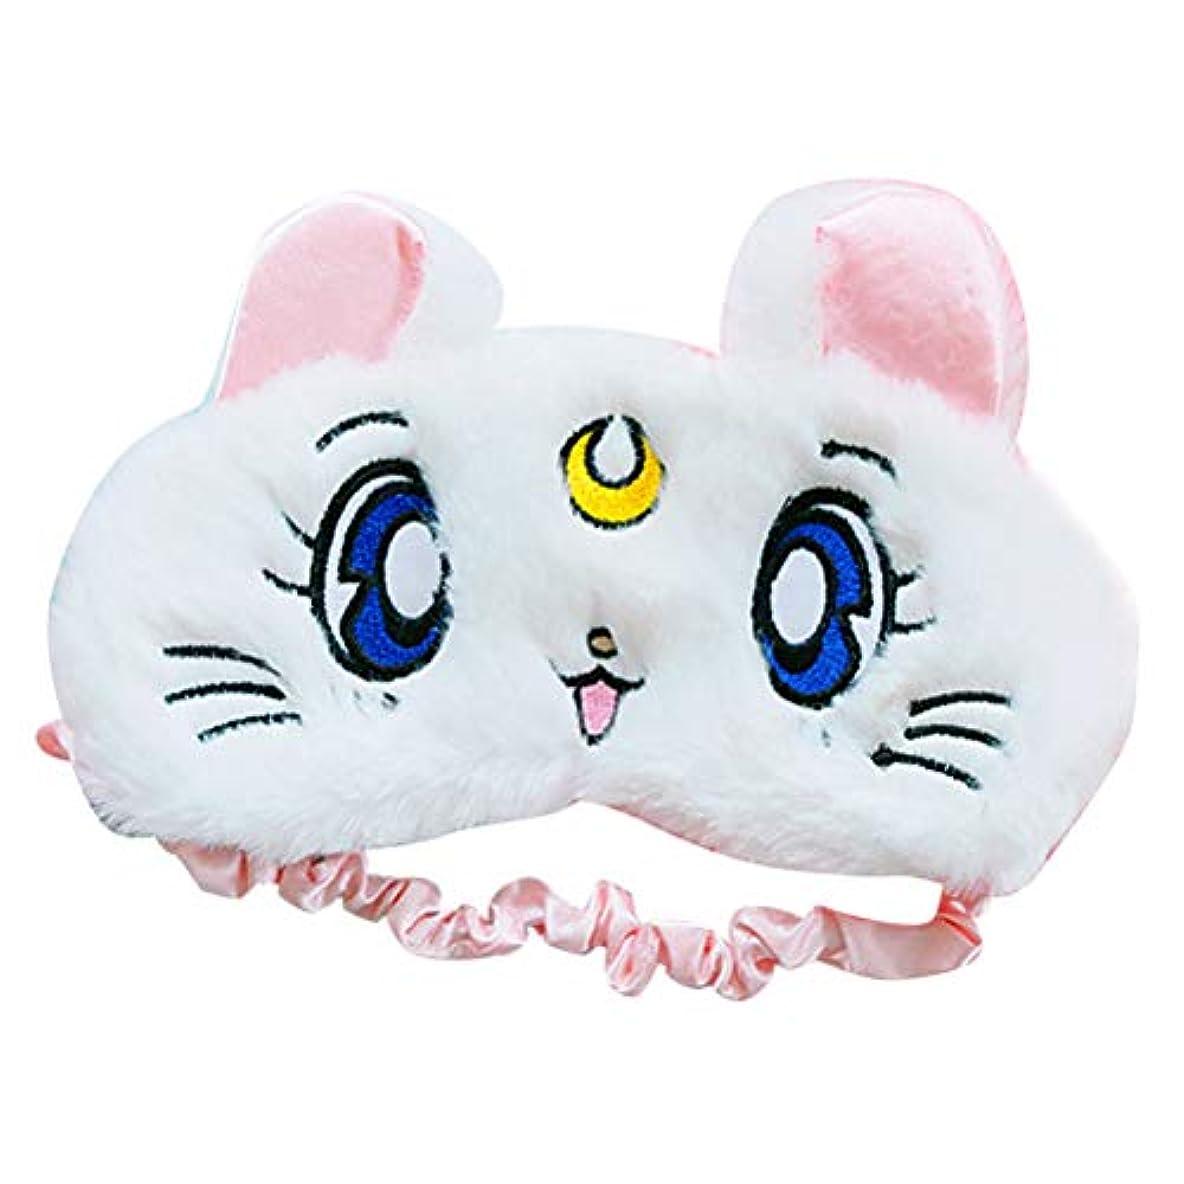 降下主権者ピアースBSMEAN 猫の目マスクソフトぬいぐるみ睡眠通気性フード内蔵アイスパック漫画アイマスク、白